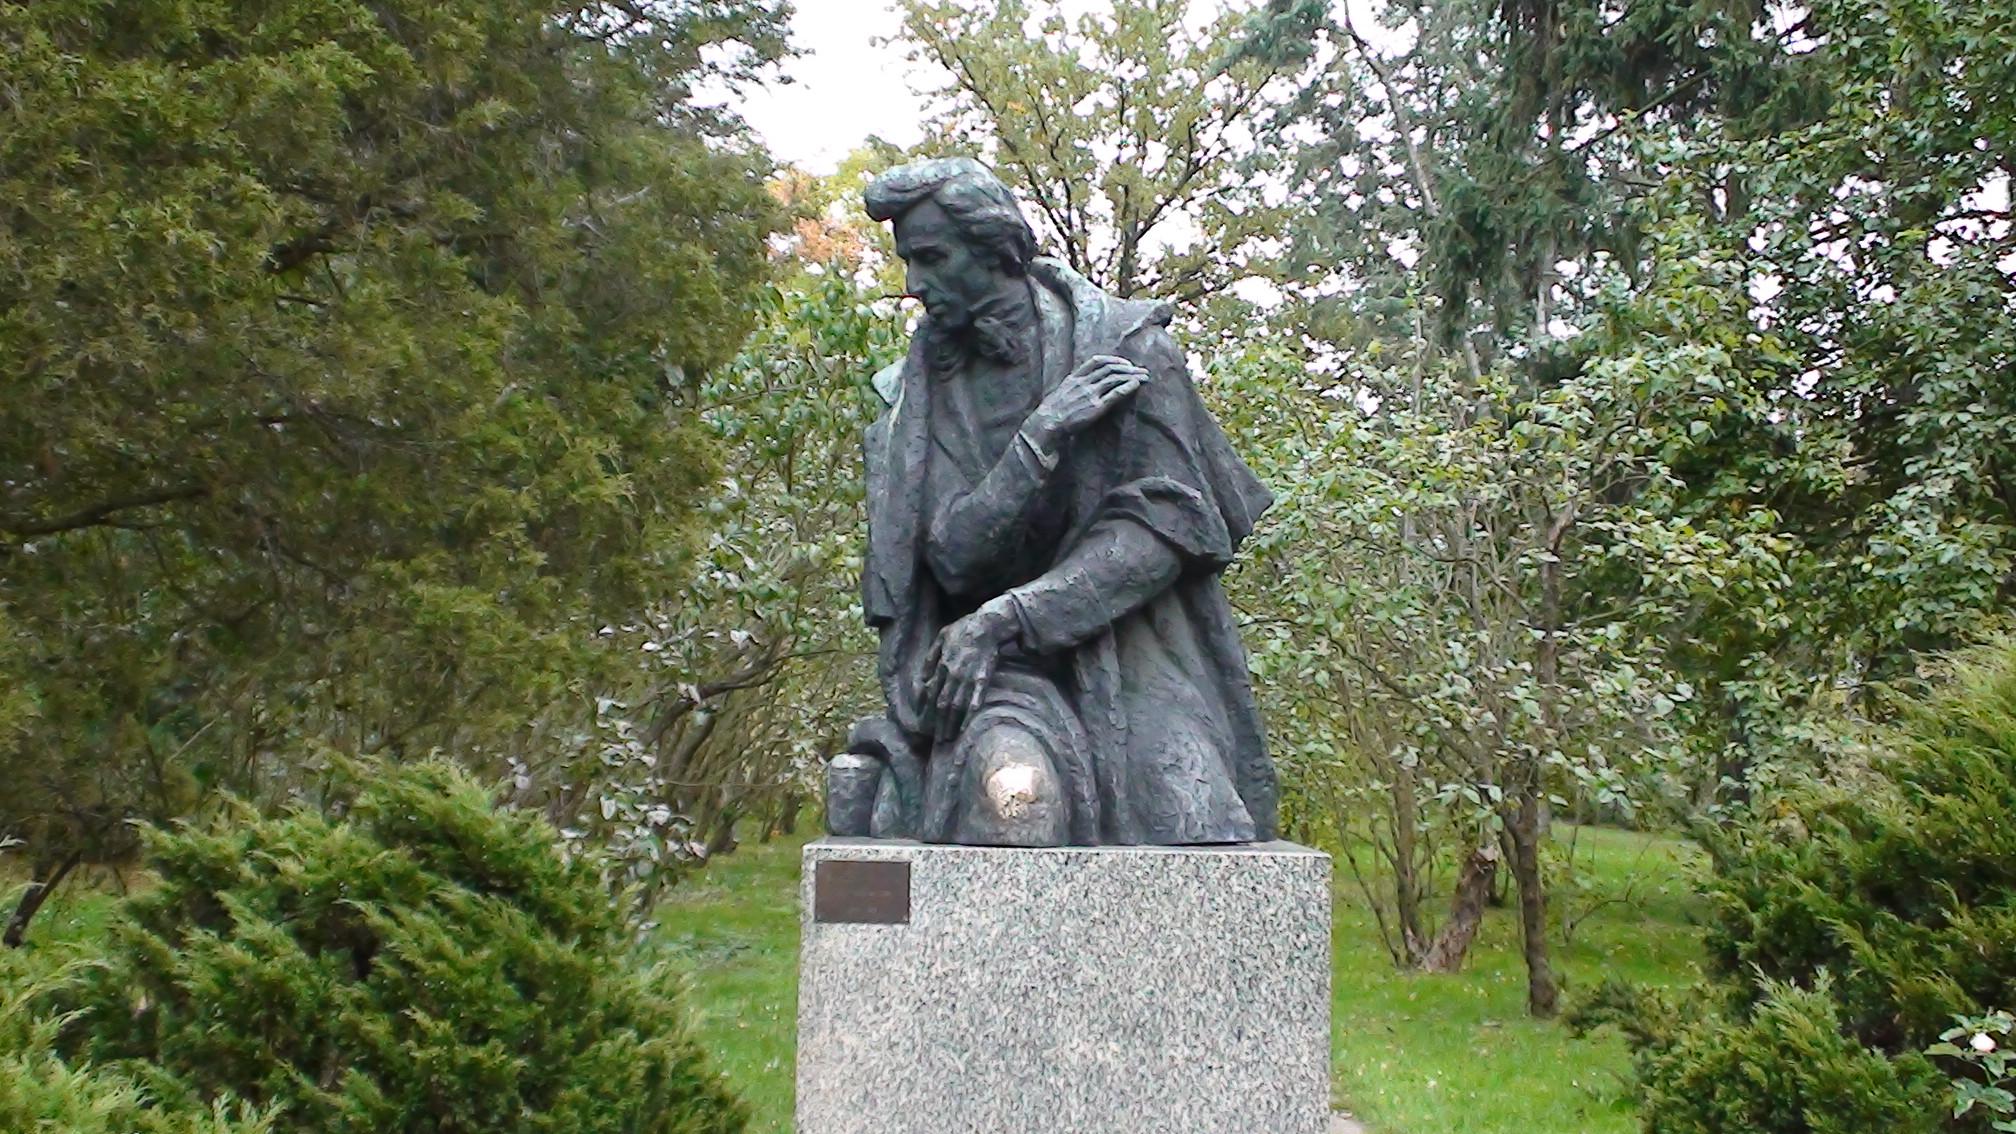 Monumento a Chopin en Żelazowa Wola (autor: J. Gosławski)